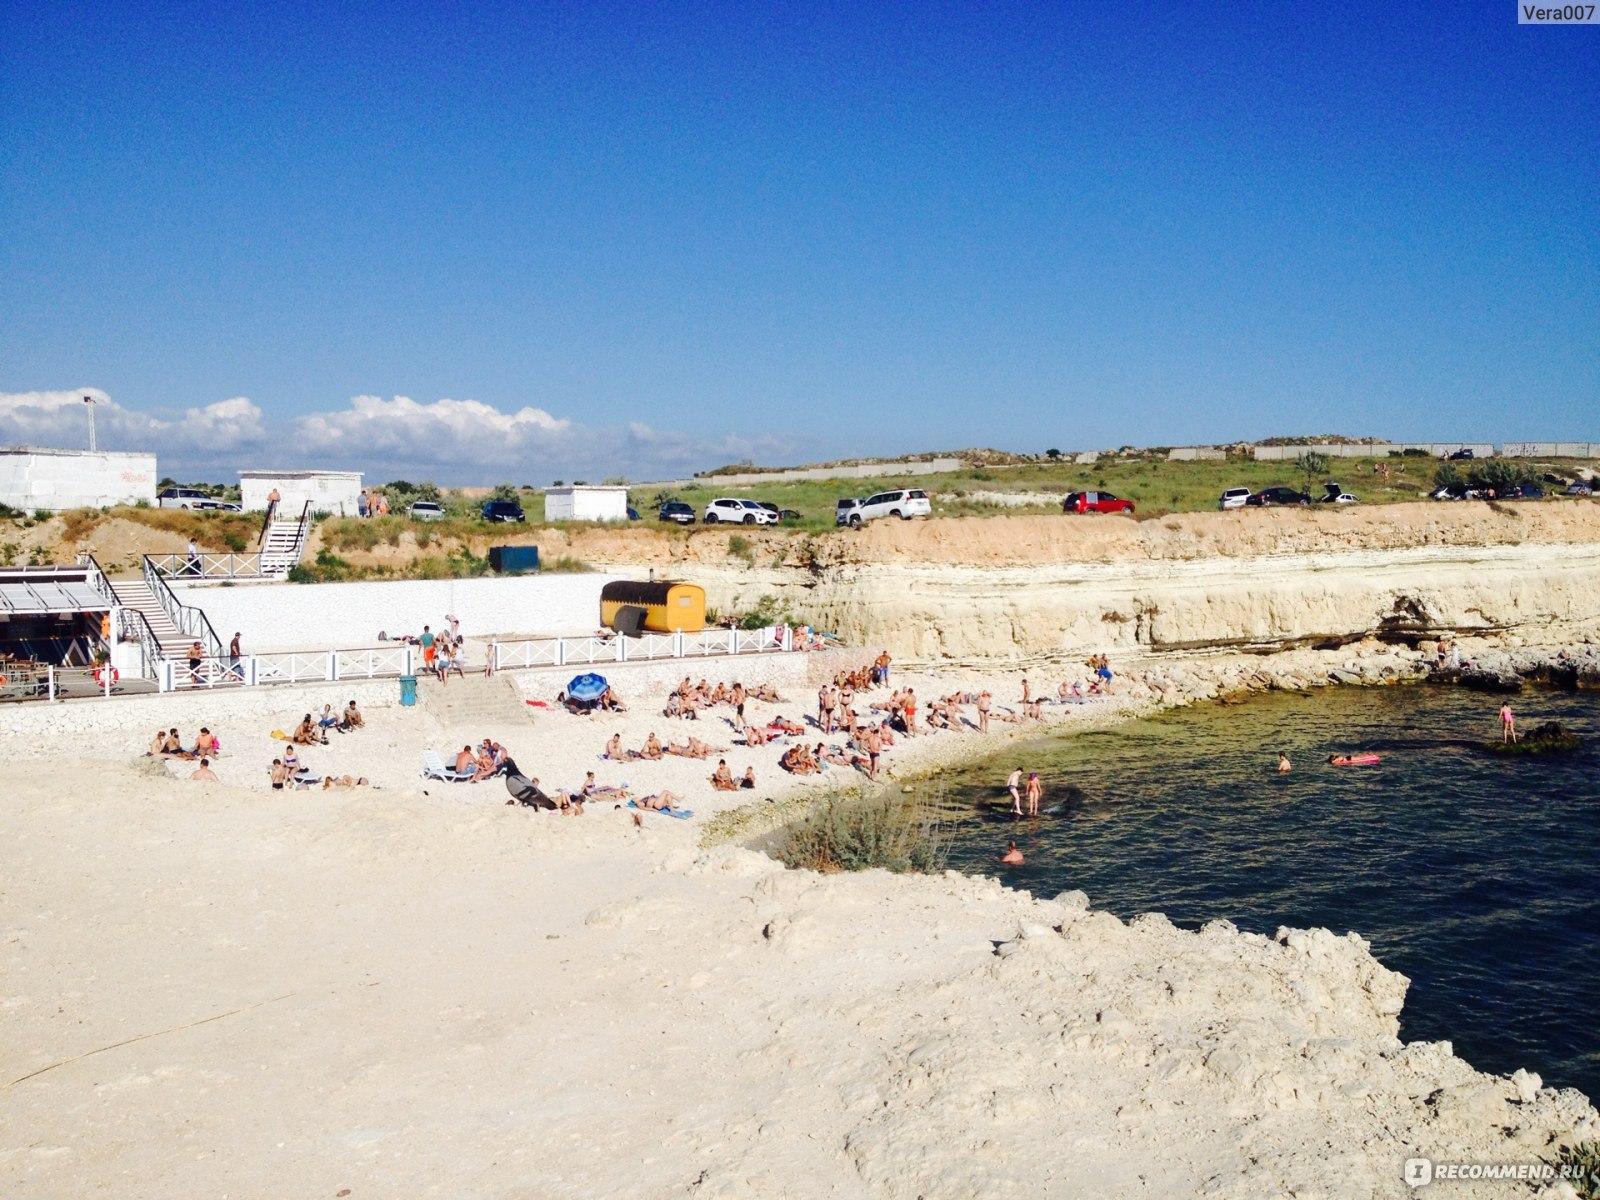 Пляж голубой бухты в севастополе фото